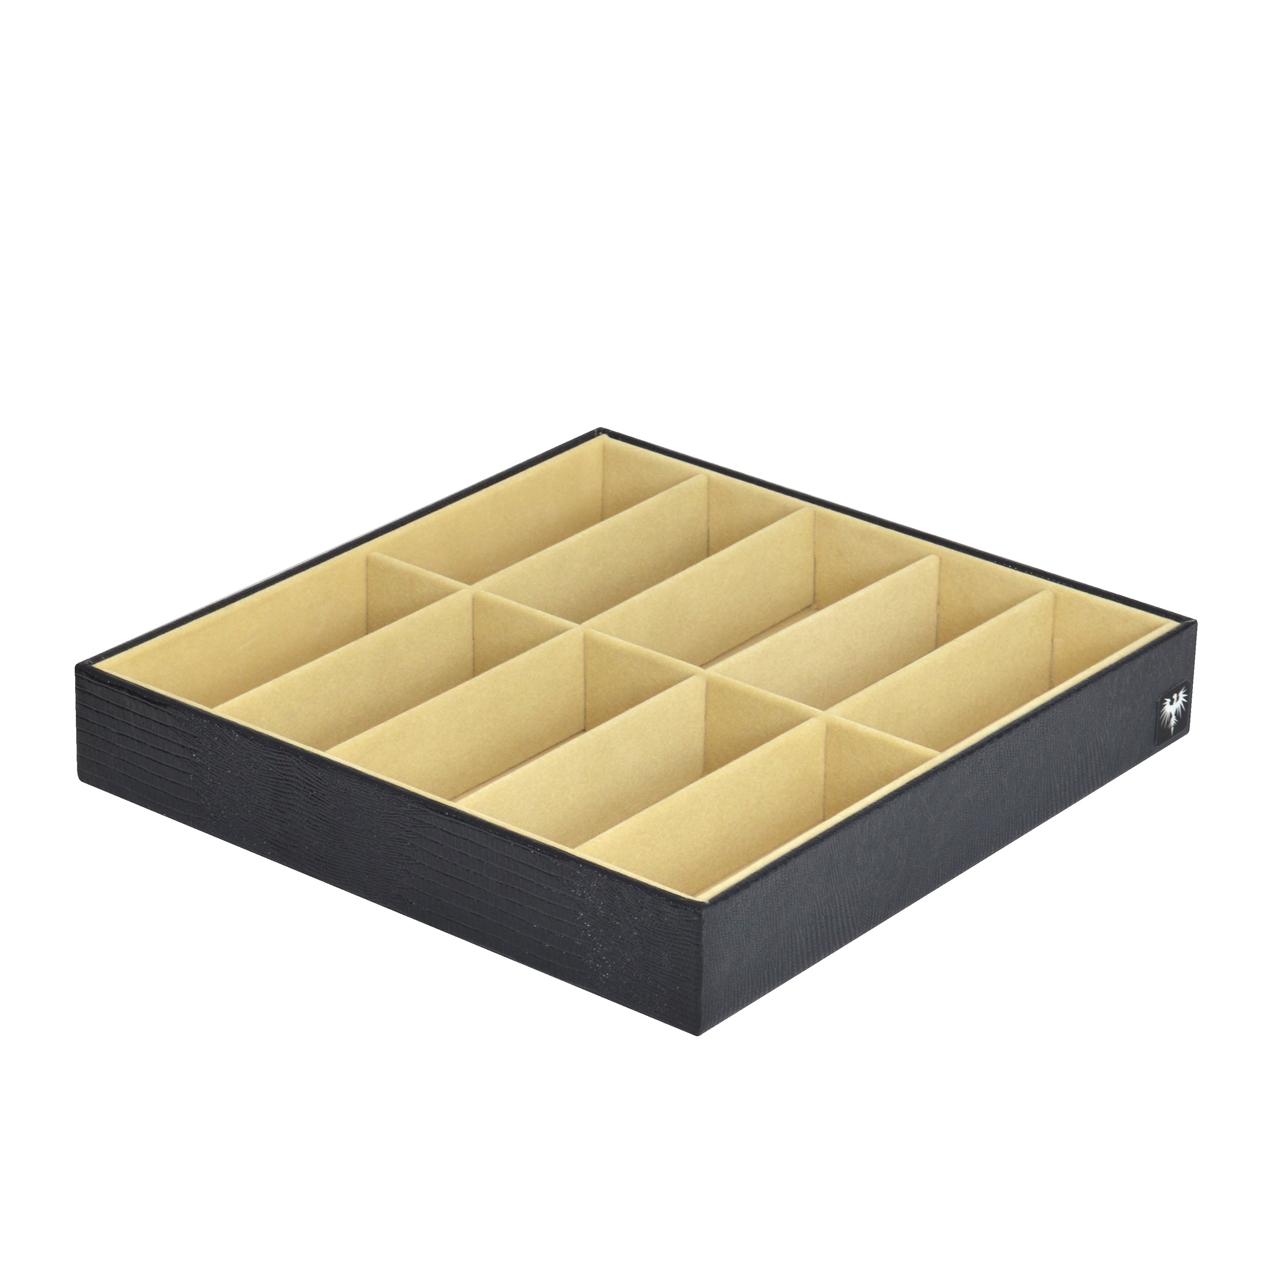 bandeja-couro-ecologico-10-oculos-preto-bege-porta-closet-imagem-4.jpg